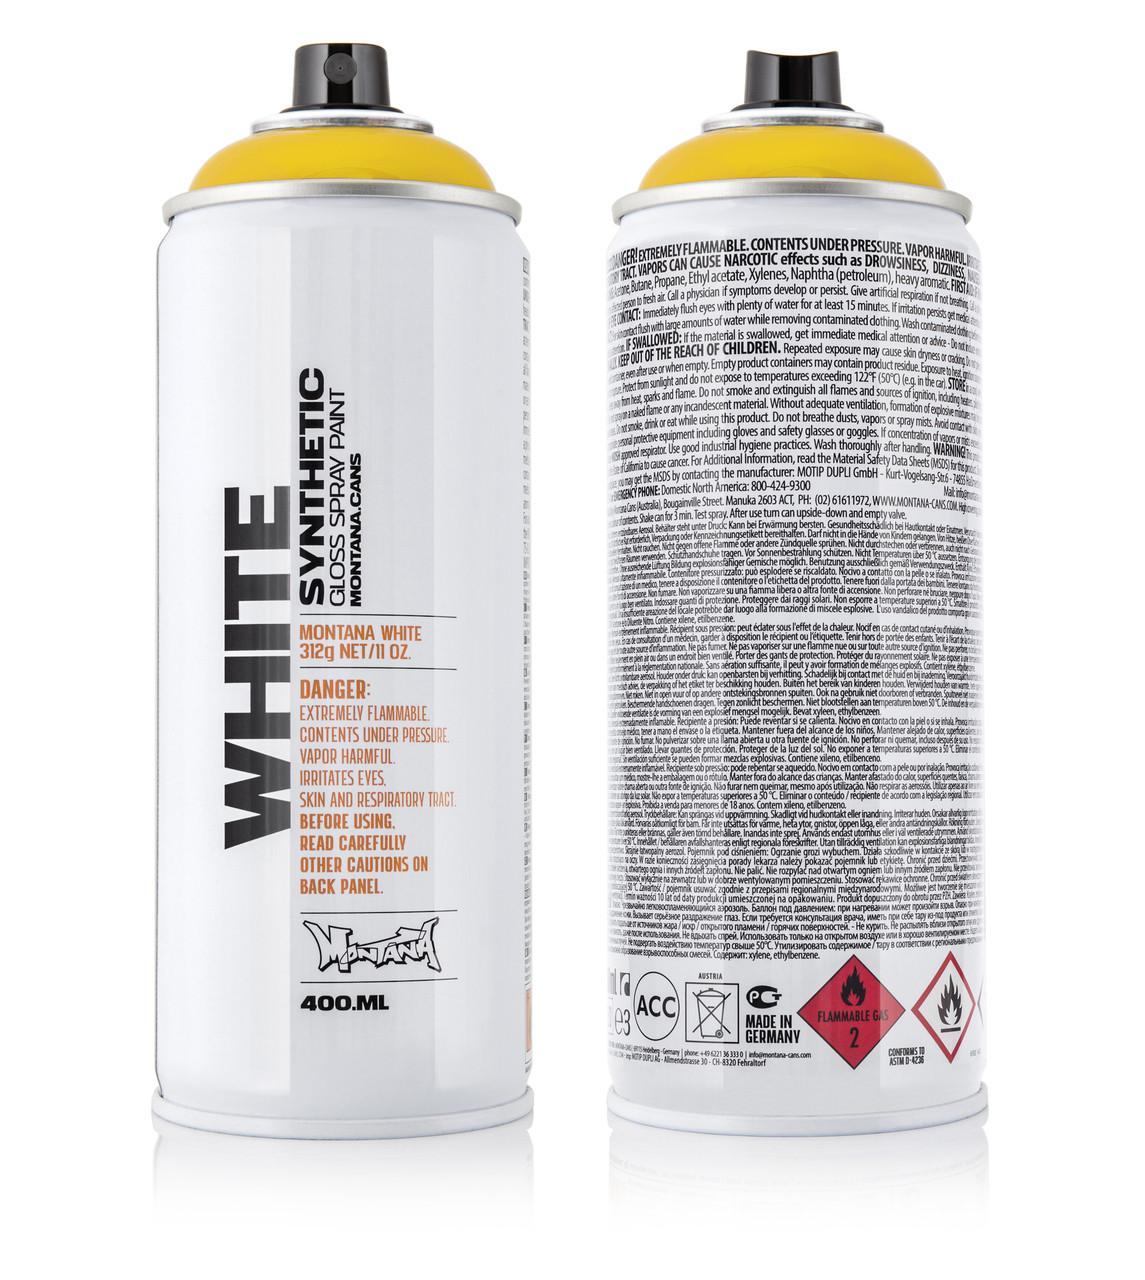 Краска Montana WHT1020 Шафран 400 мл (Saffron) (280030)